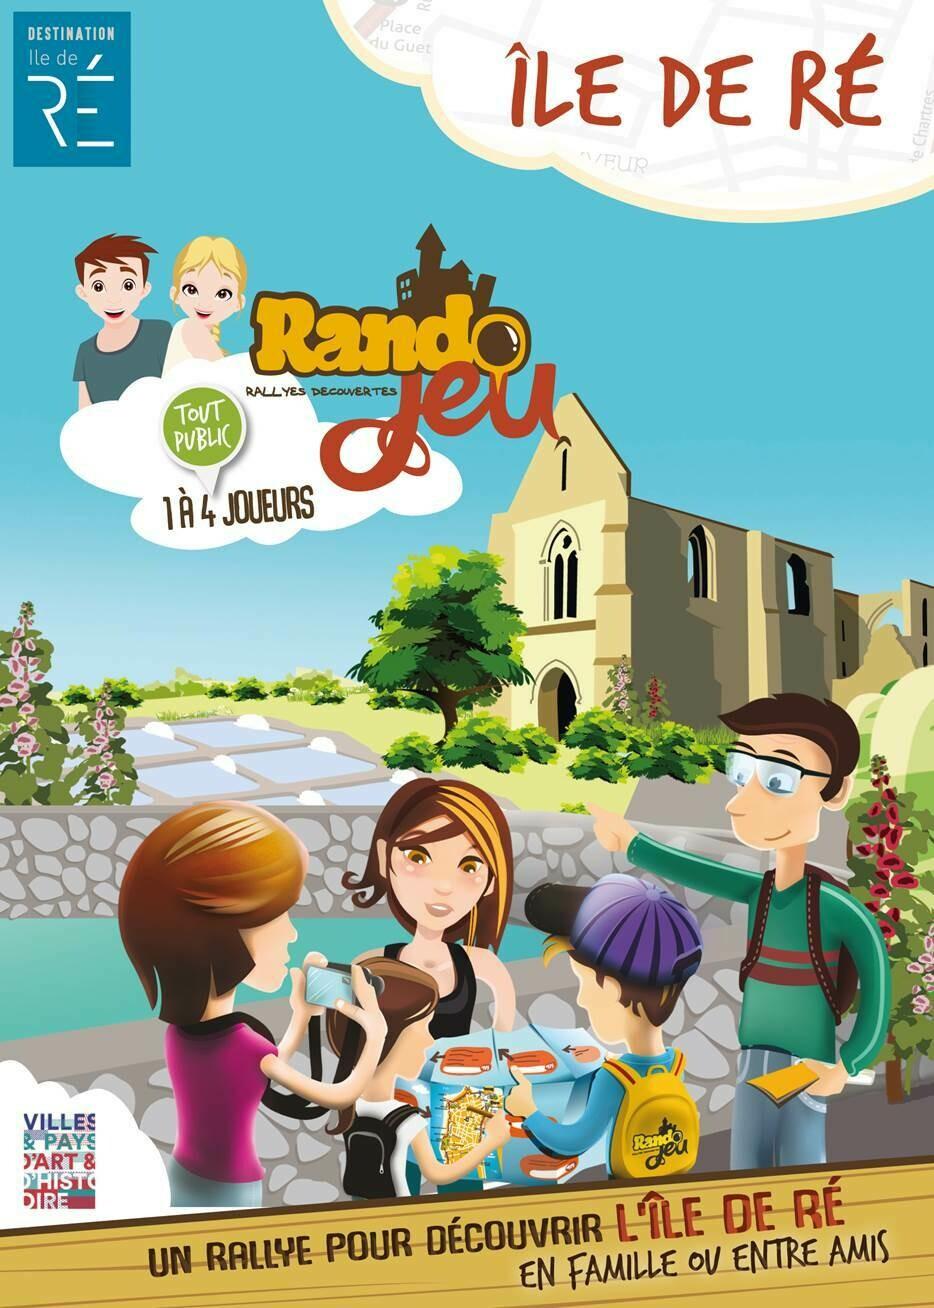 Randojeu 10 villages - Ile de Ré  pour 1 acheté, le 2ème offert